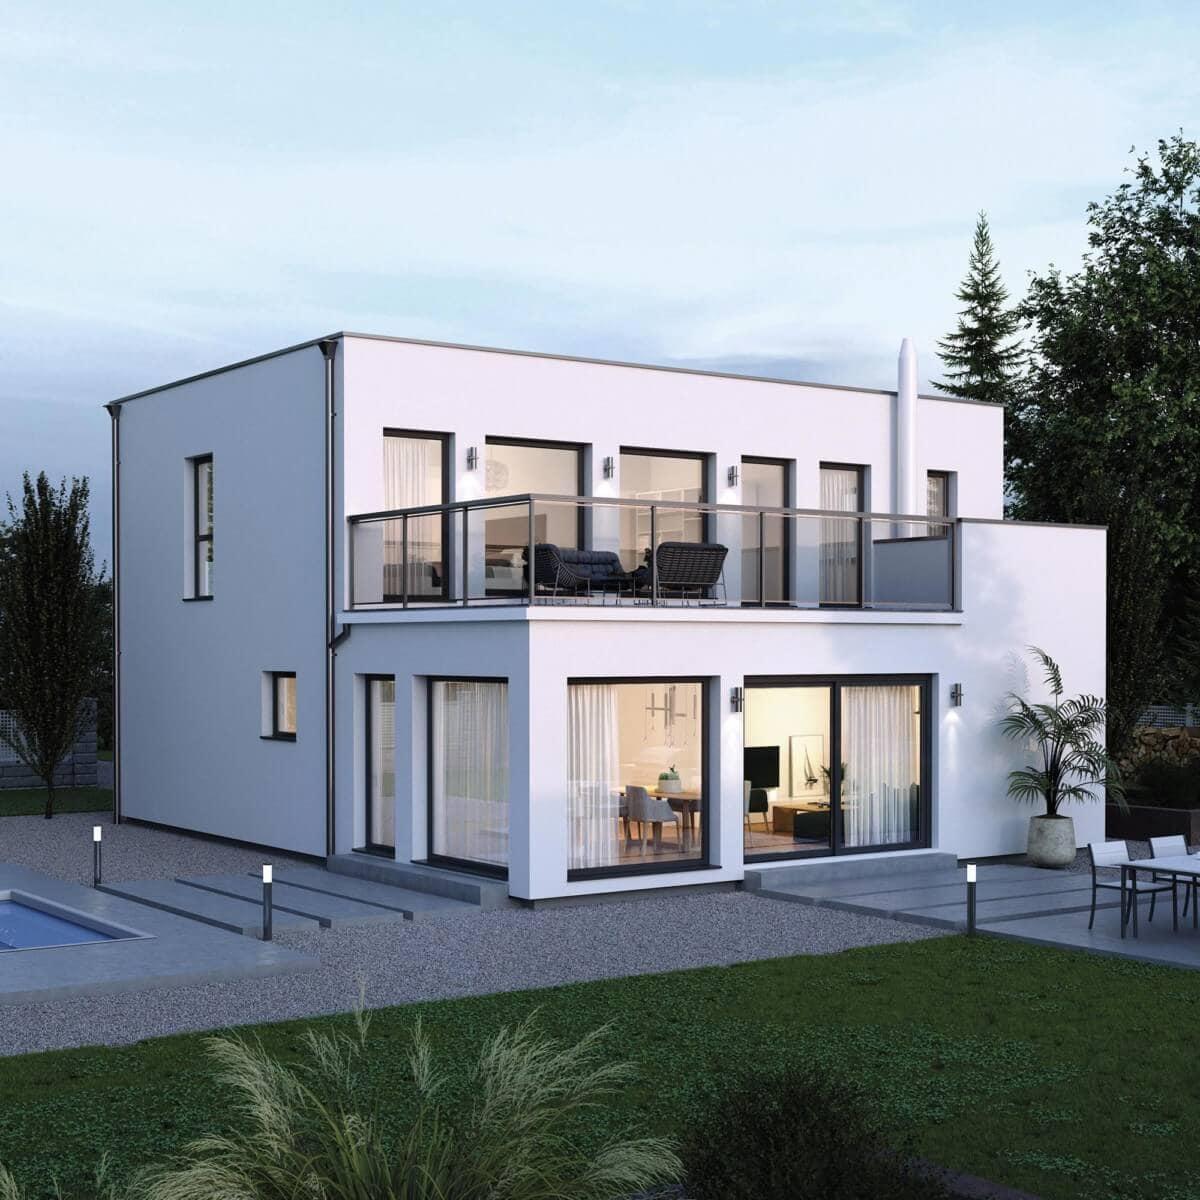 Bauhaus Stadtvilla modern mit Flachdach, Erker & Dachterrasse - Haus Design Ideen Fertighaus ELK Haus 164 - HausbauDirekt.de